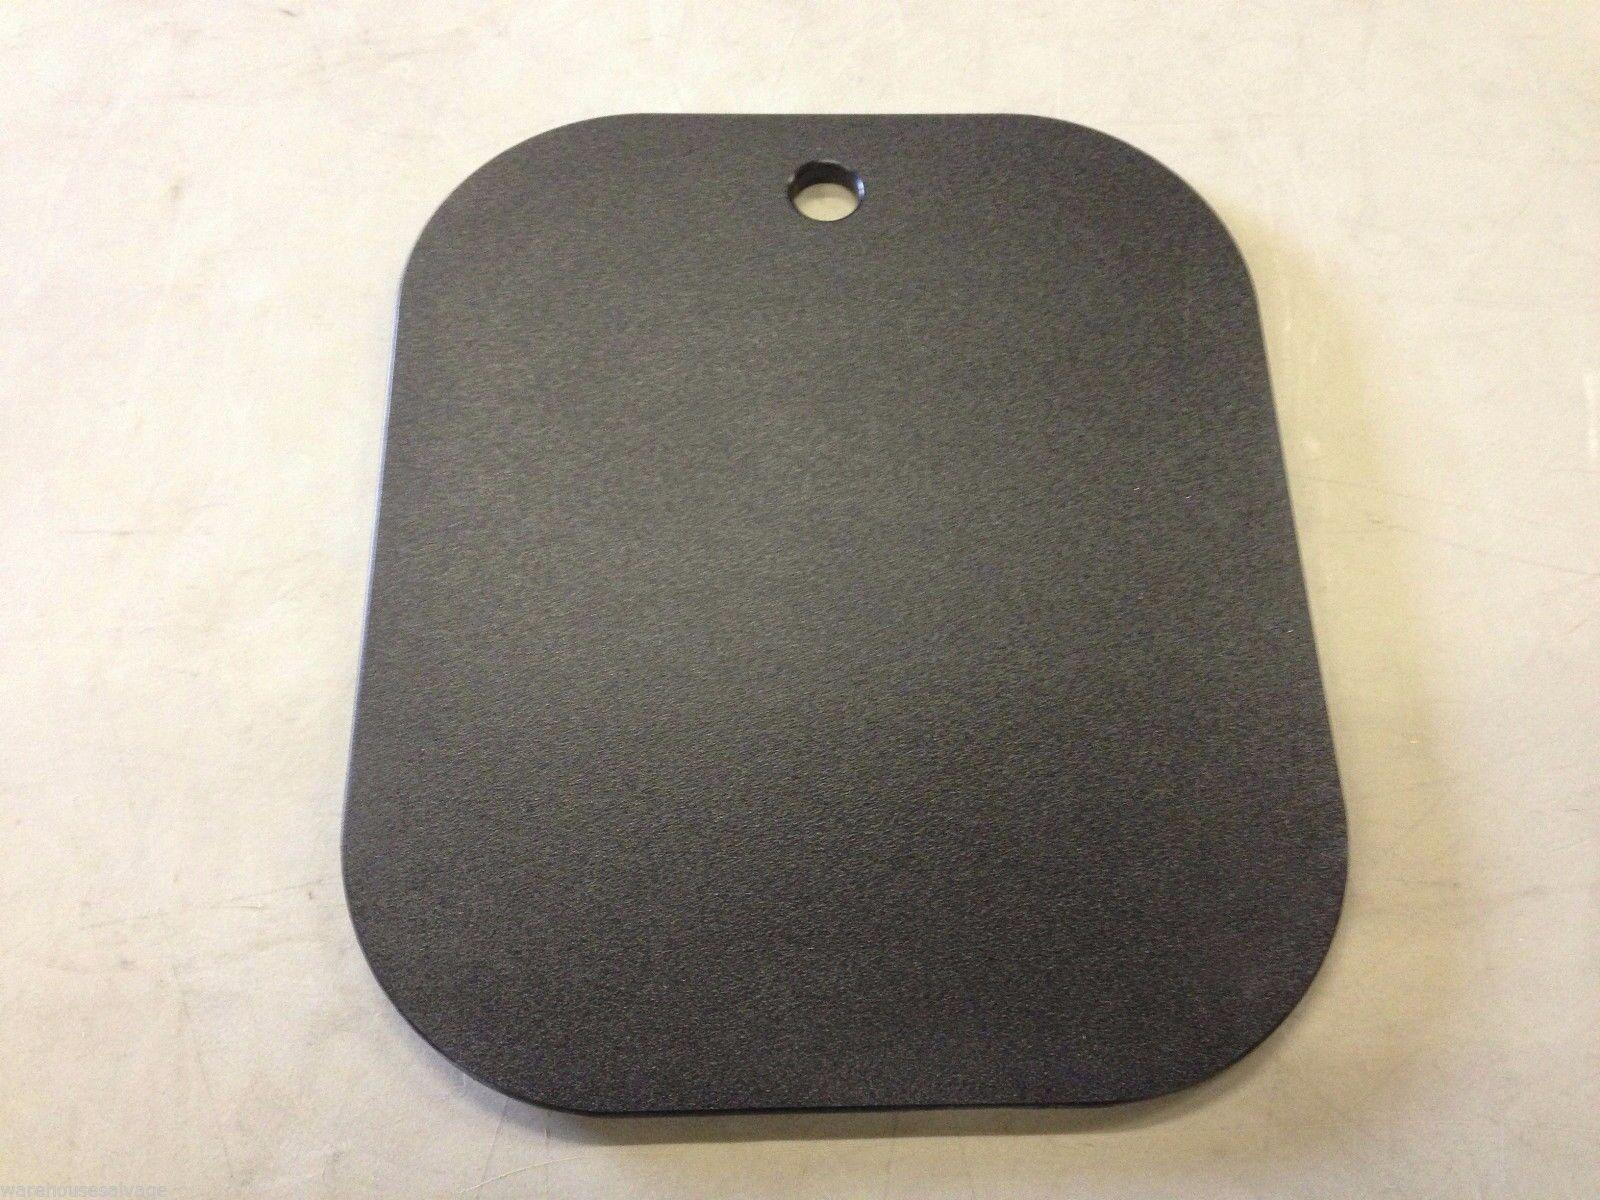 Rv Camper Motorhome Trailer Kitchen Sink Cover Cutting Board 12 1 4